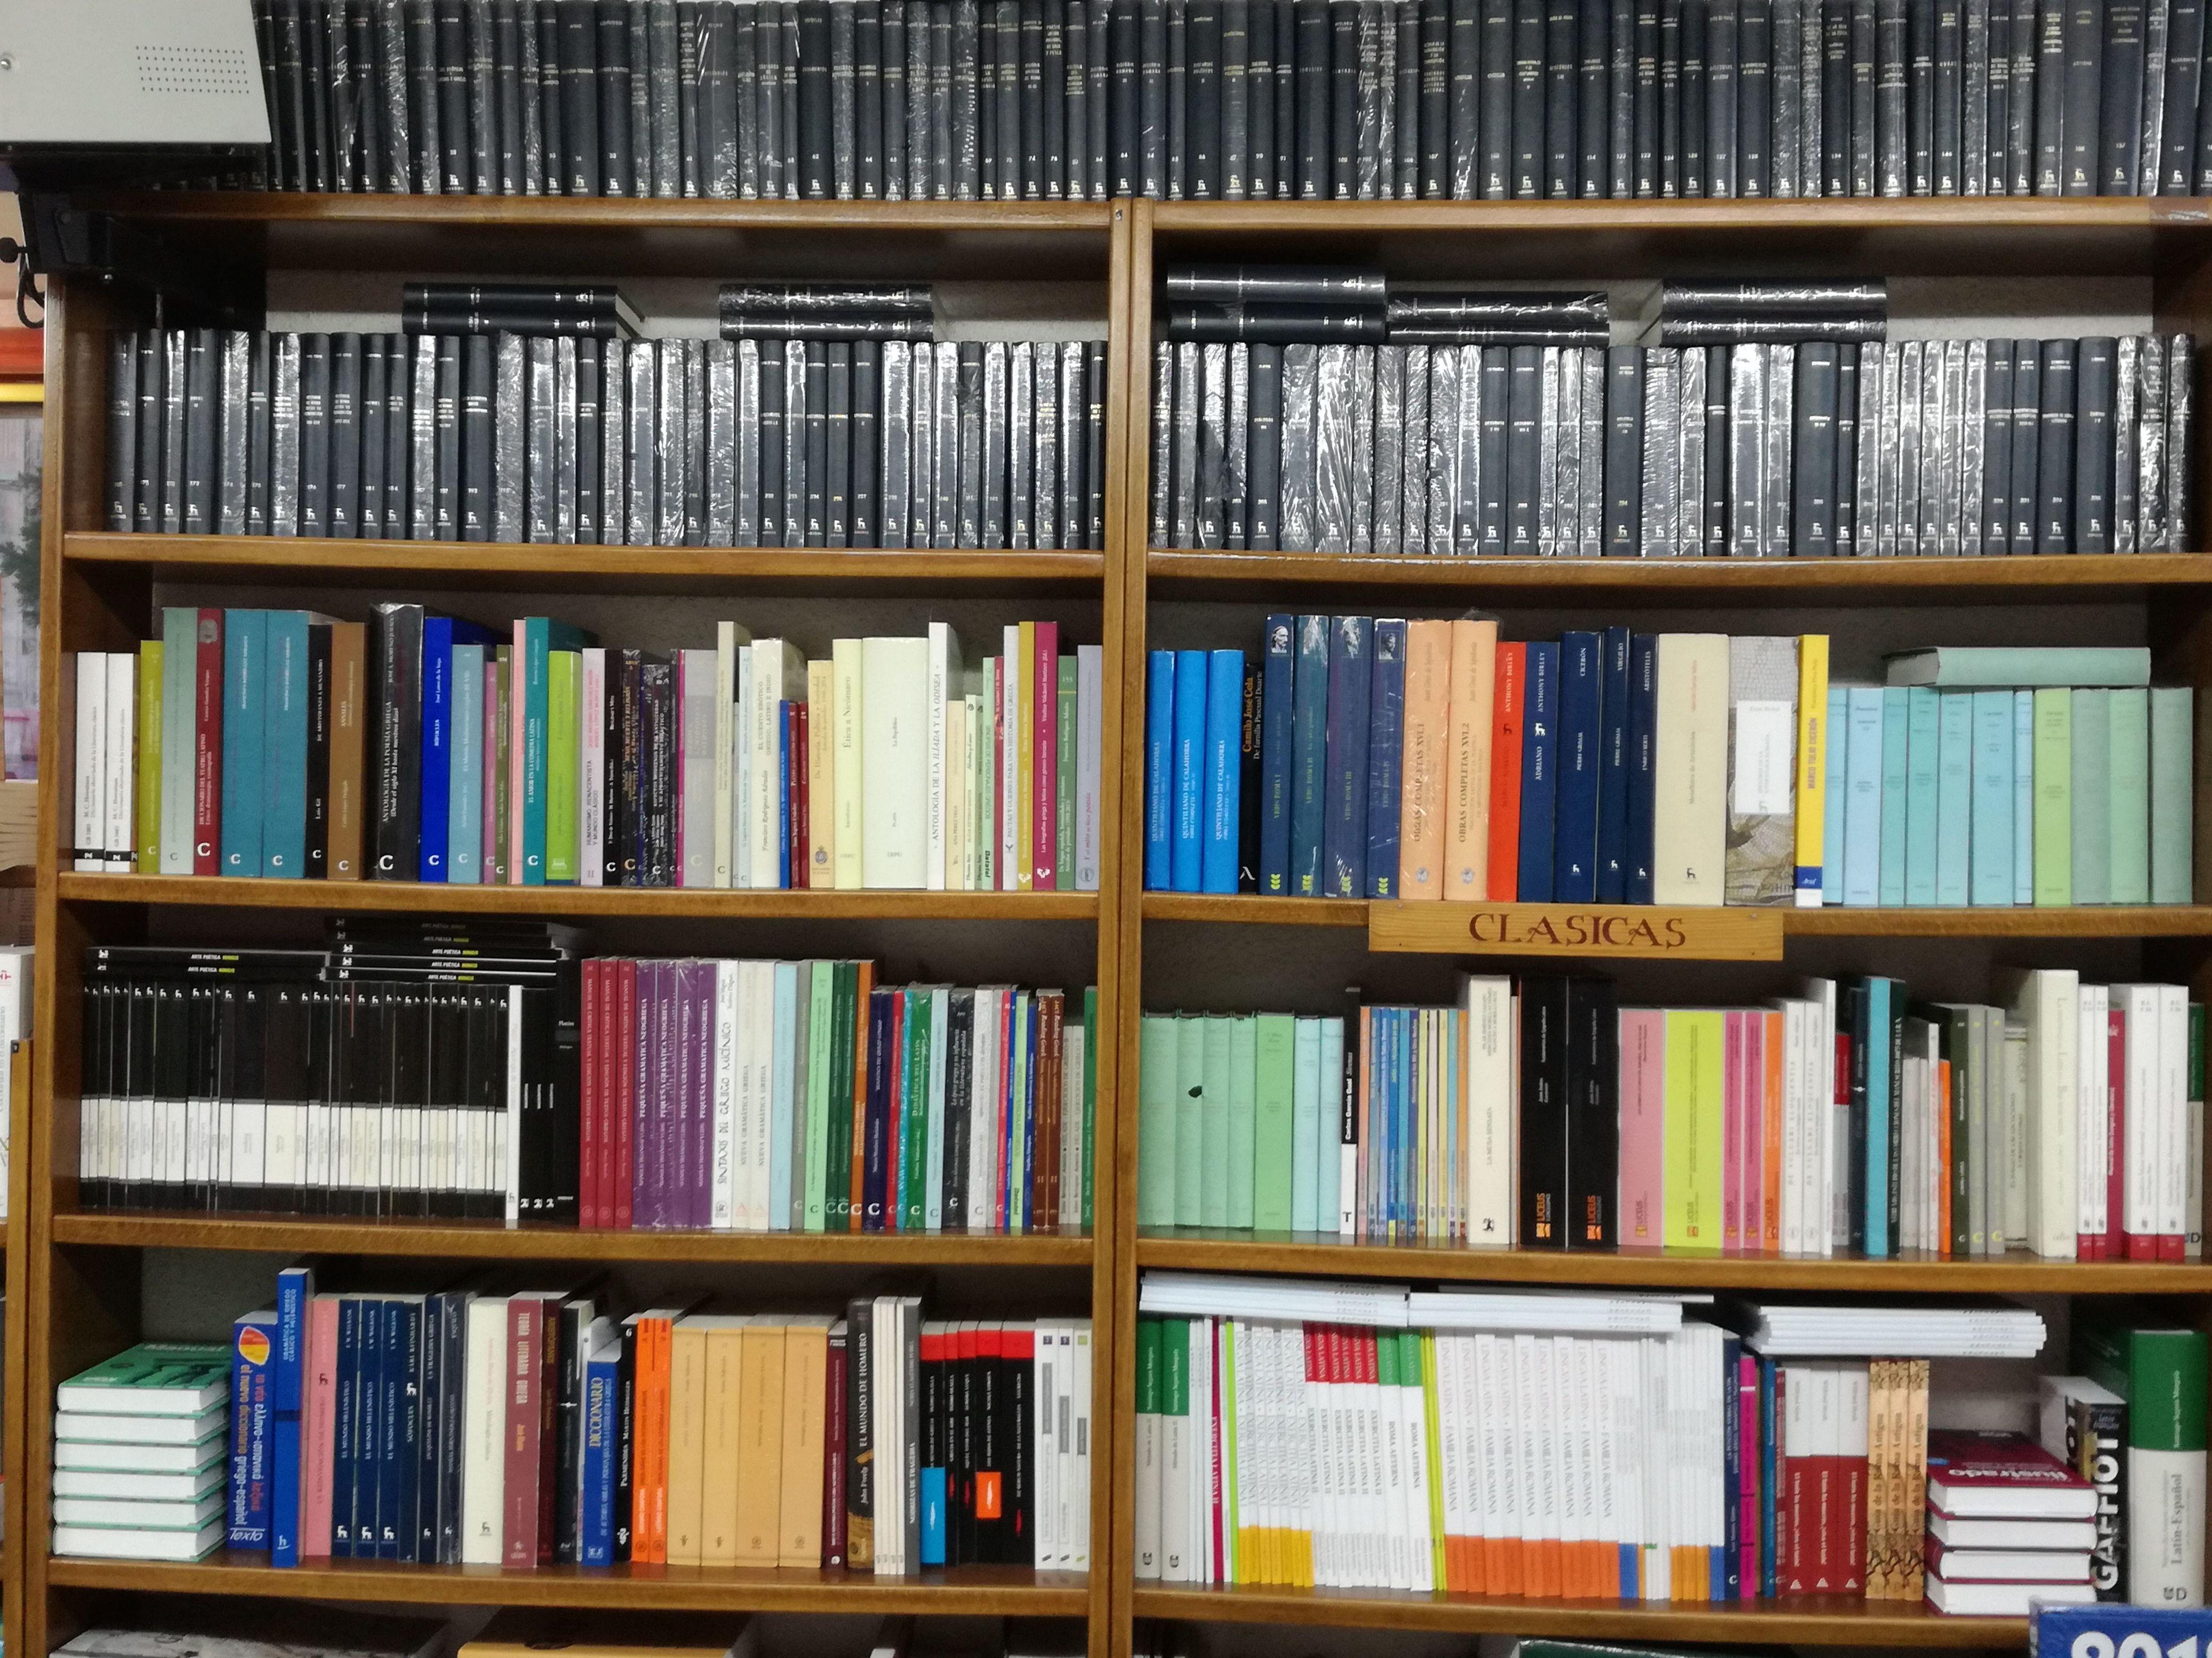 Foto 5 de Librerías en Salamanca | Librería Nueva Plaza Universitaria